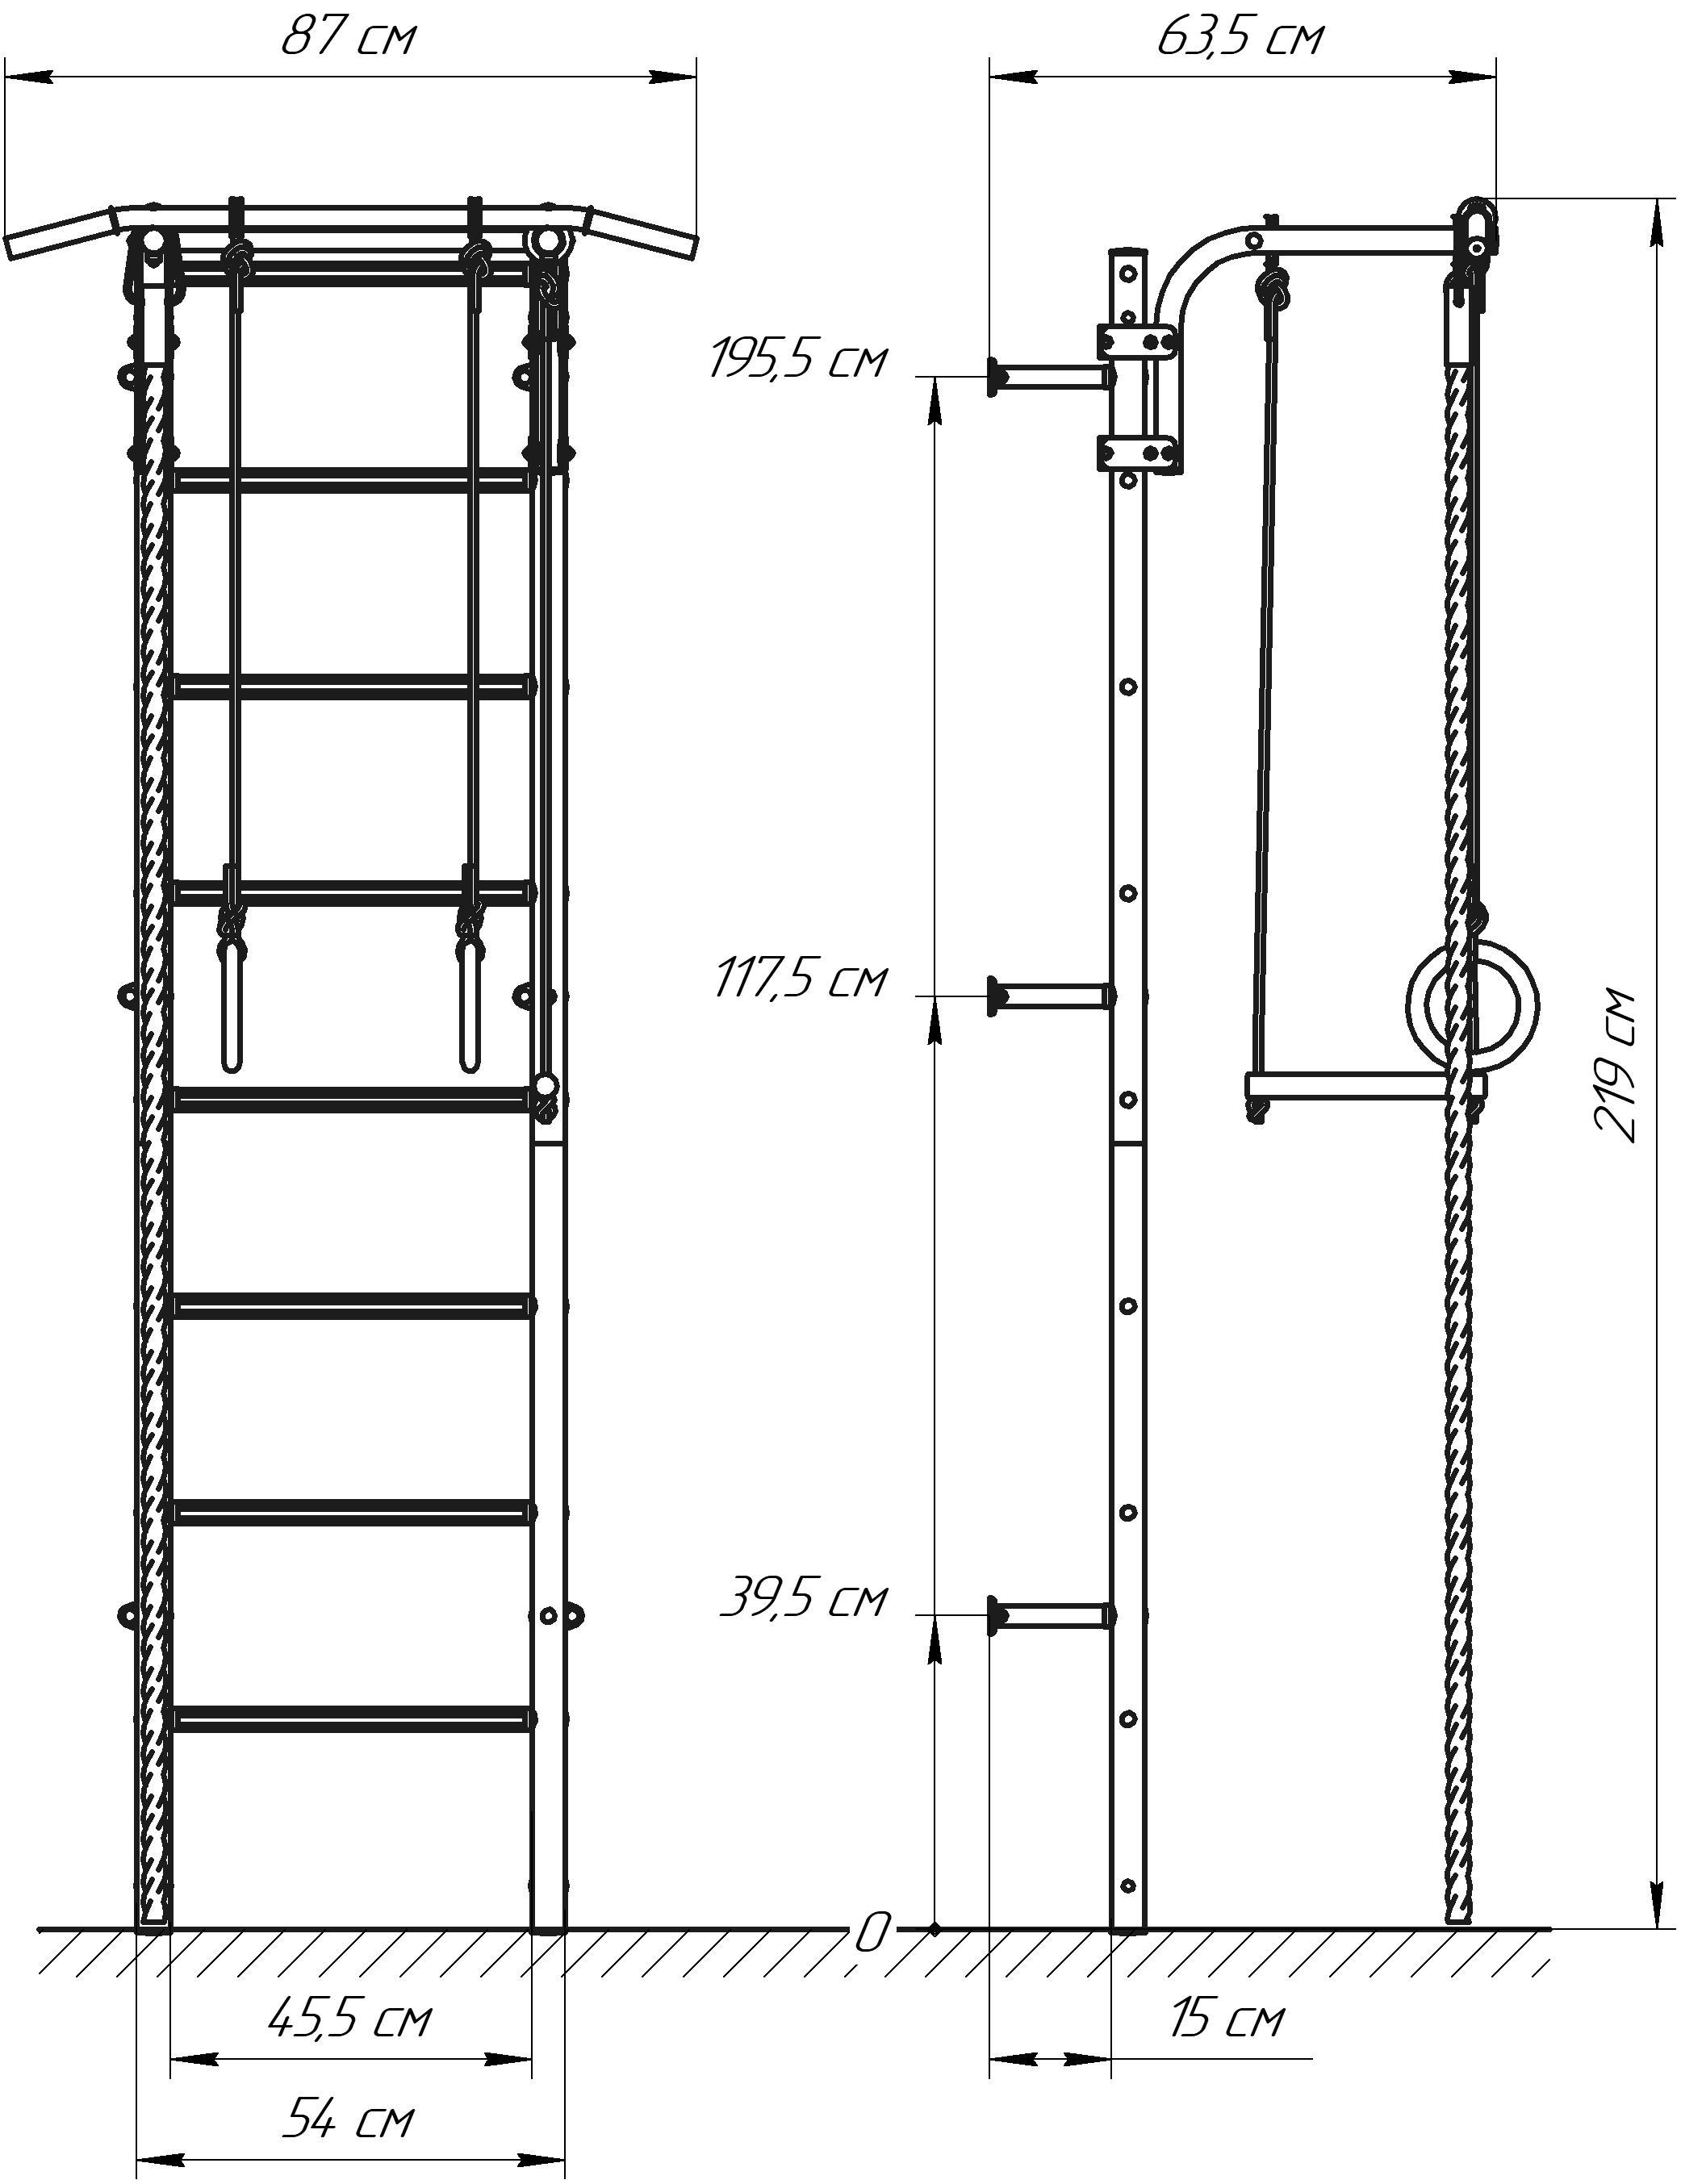 ДСК АТЛЕТ-1 схема